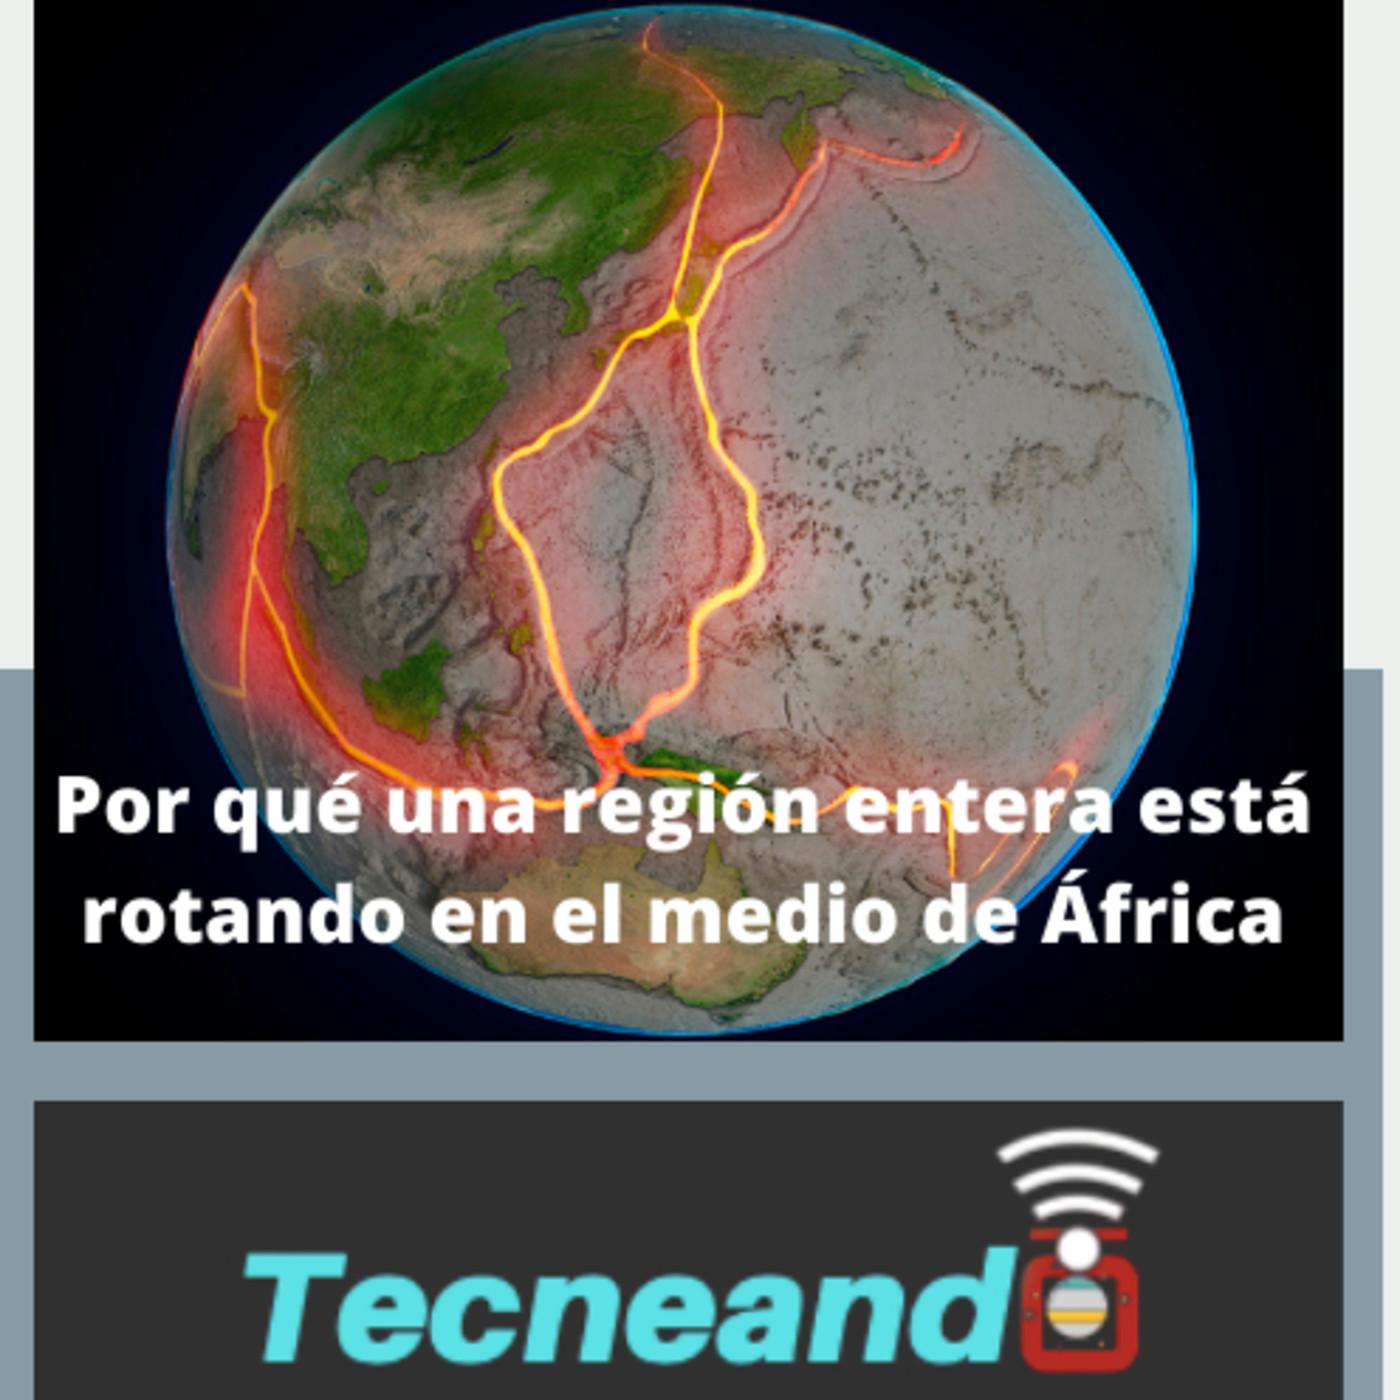 1x015 ¿Por qué una región entera está rotando en el medio de África?